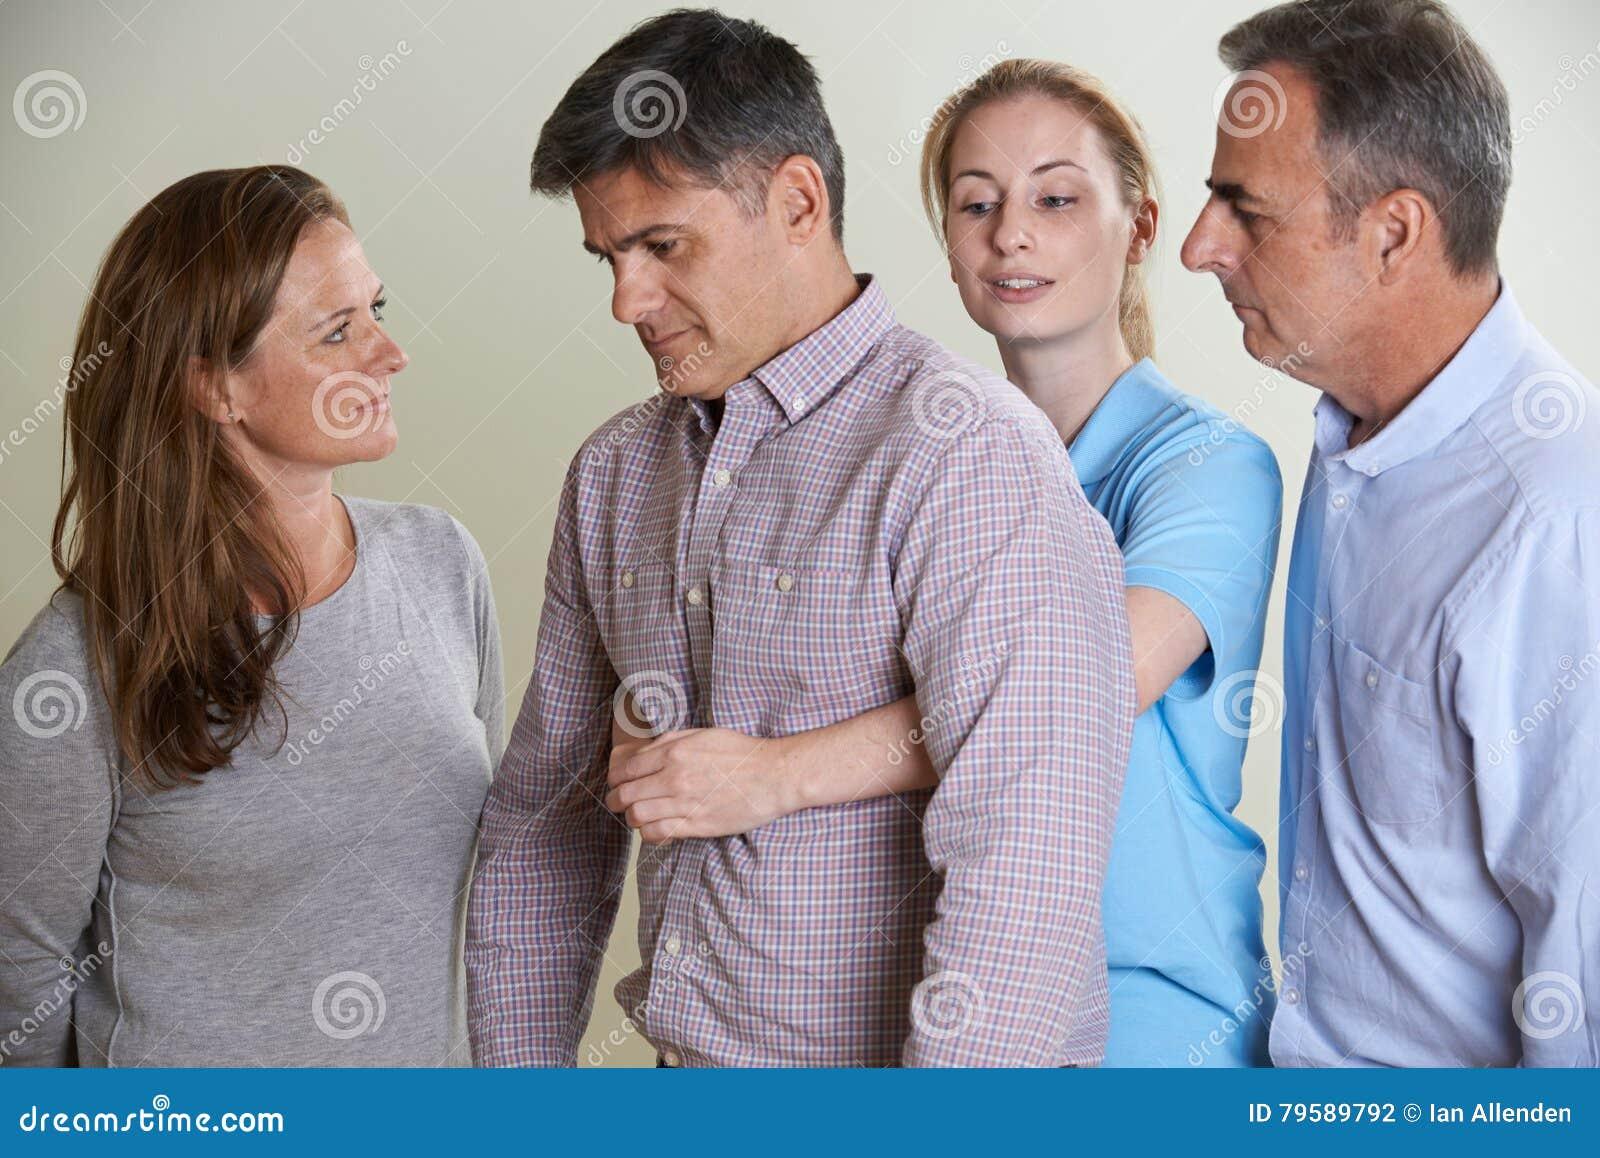 Mulher que demonstra a manobra de Heimlich na classe dos primeiros socorros